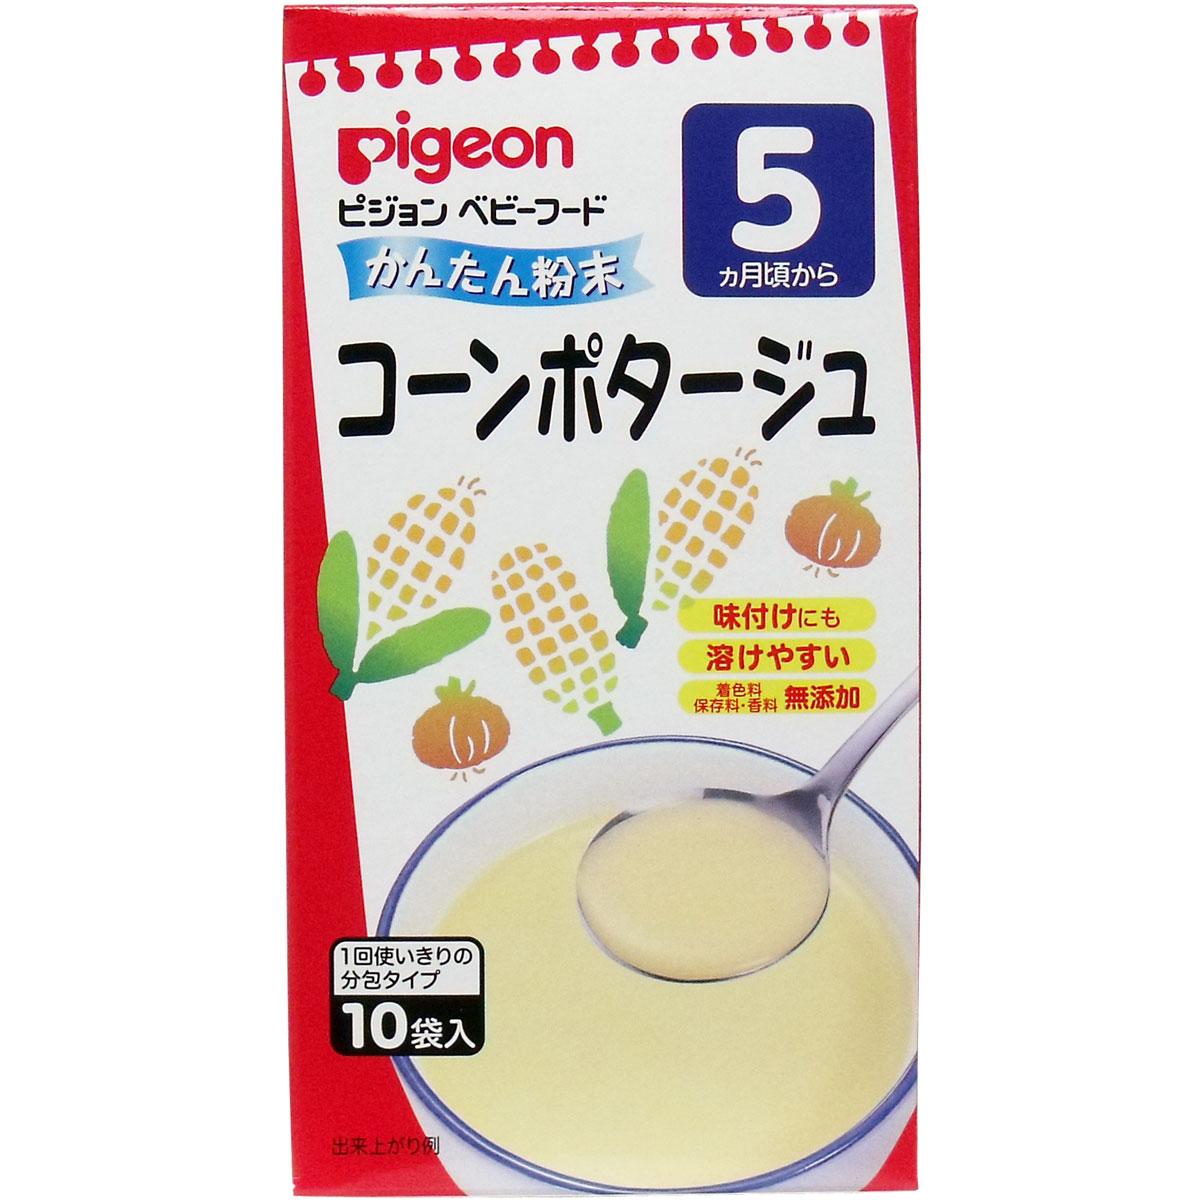 Bột chế biến súp ngô (cho bé từ 5 tháng ~) PIGEON 10 túi - Hàng Nhật nội địa